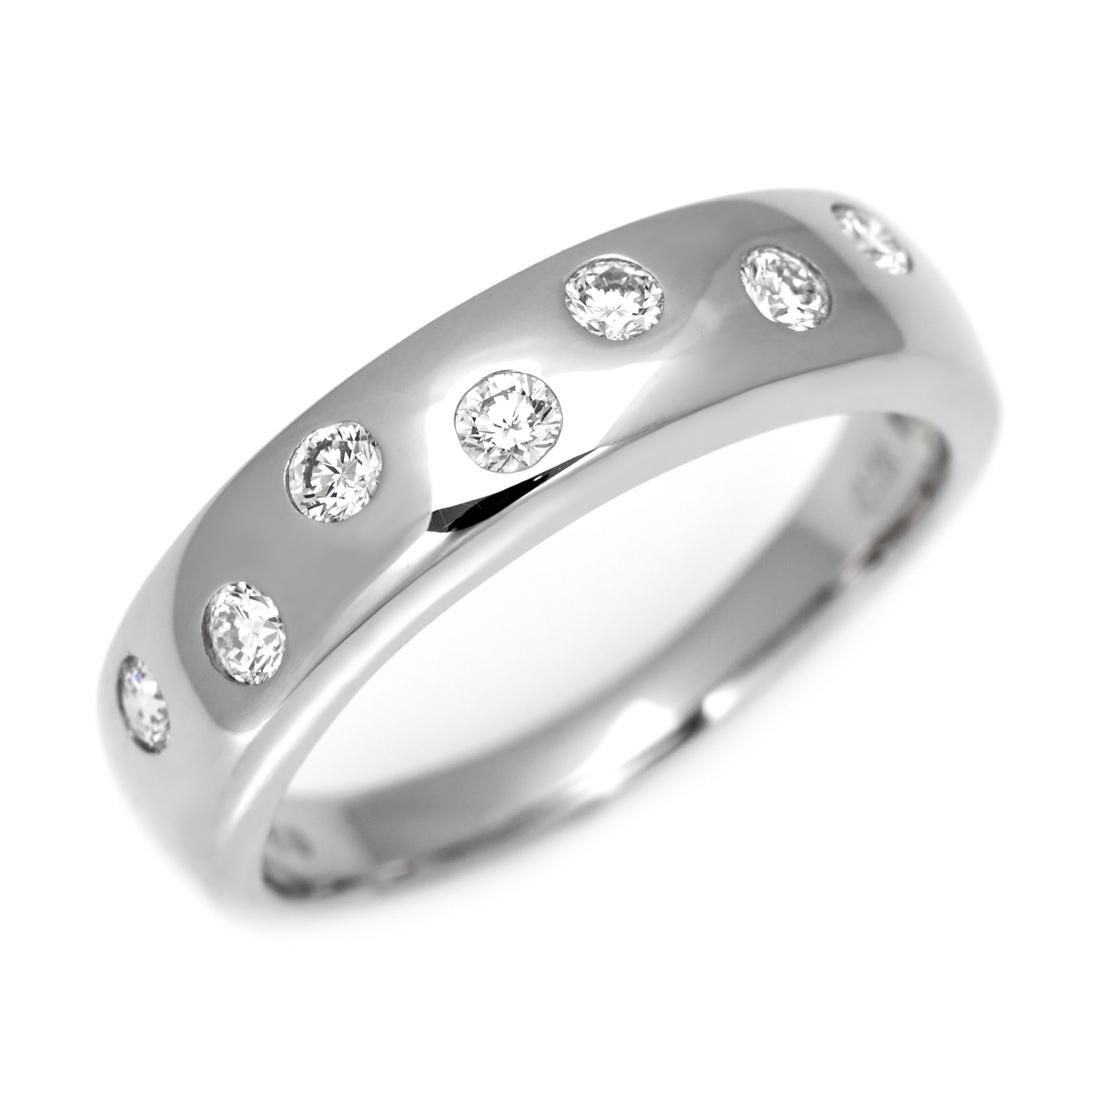 【GWクーポン配布中】K18 ダイヤモンド 0.28ct リング送料無料 指輪 18K 18金 ゴールド ダイアモンド 誕生日 4月誕生石 刻印 文字入れ ピンキーリング メッセージ ギフト 贈り物